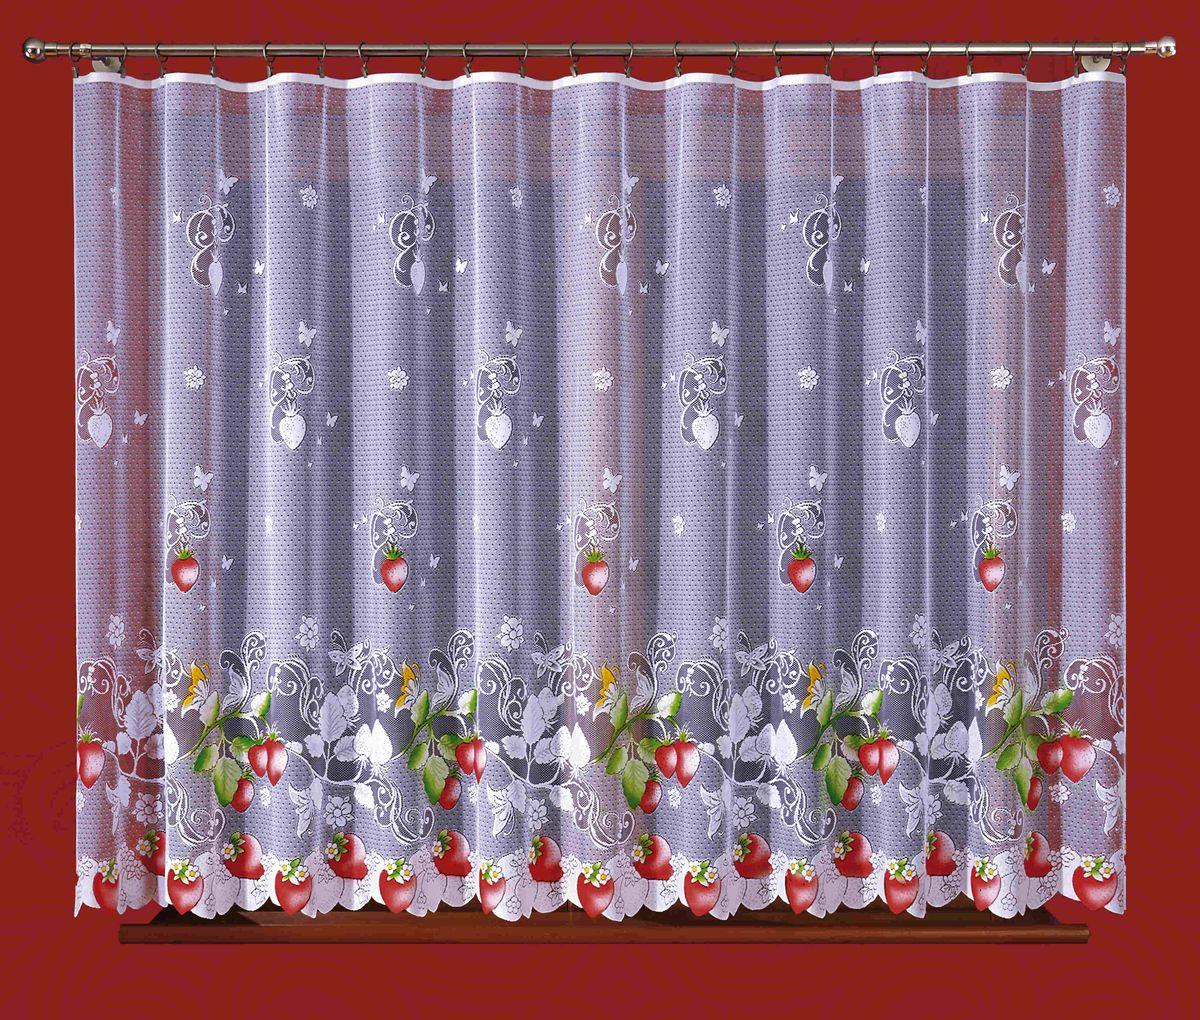 Гардина Wisan Клубника, цвет: белый, зеленый, красный, высота 150 см270ЕВоздушная гардина Wisan Клубника, изготовленная из полиэстера, станет великолепным украшением любого окна. Оригинальный принт в виде клубничек и приятная цветовая гамма привлекут к себе внимание и органично впишутся в интерьер комнаты. Оригинальное оформление гардины внесет разнообразие и подарит заряд положительного настроения.Верхняя часть гардины не оснащена креплениями.